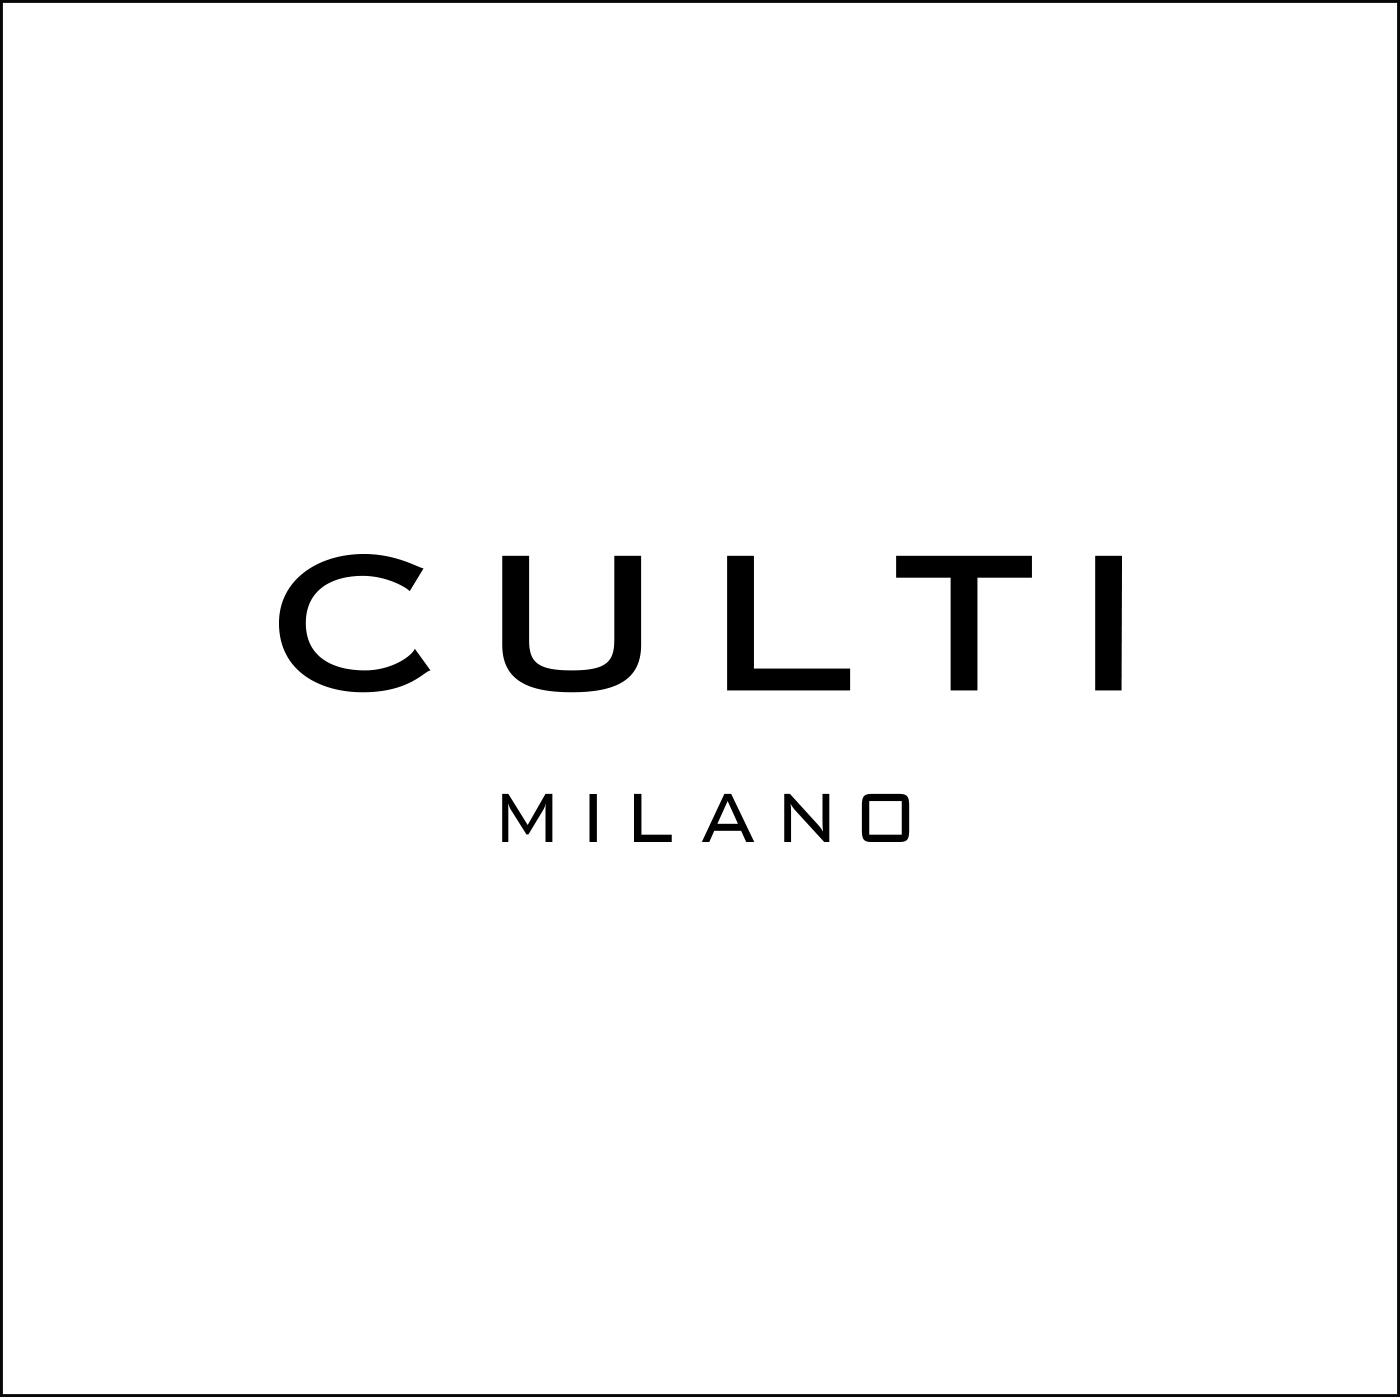 品牌嚴選:《 CULTI MILANO 》- 義大利摩登簡約風格擴香品牌